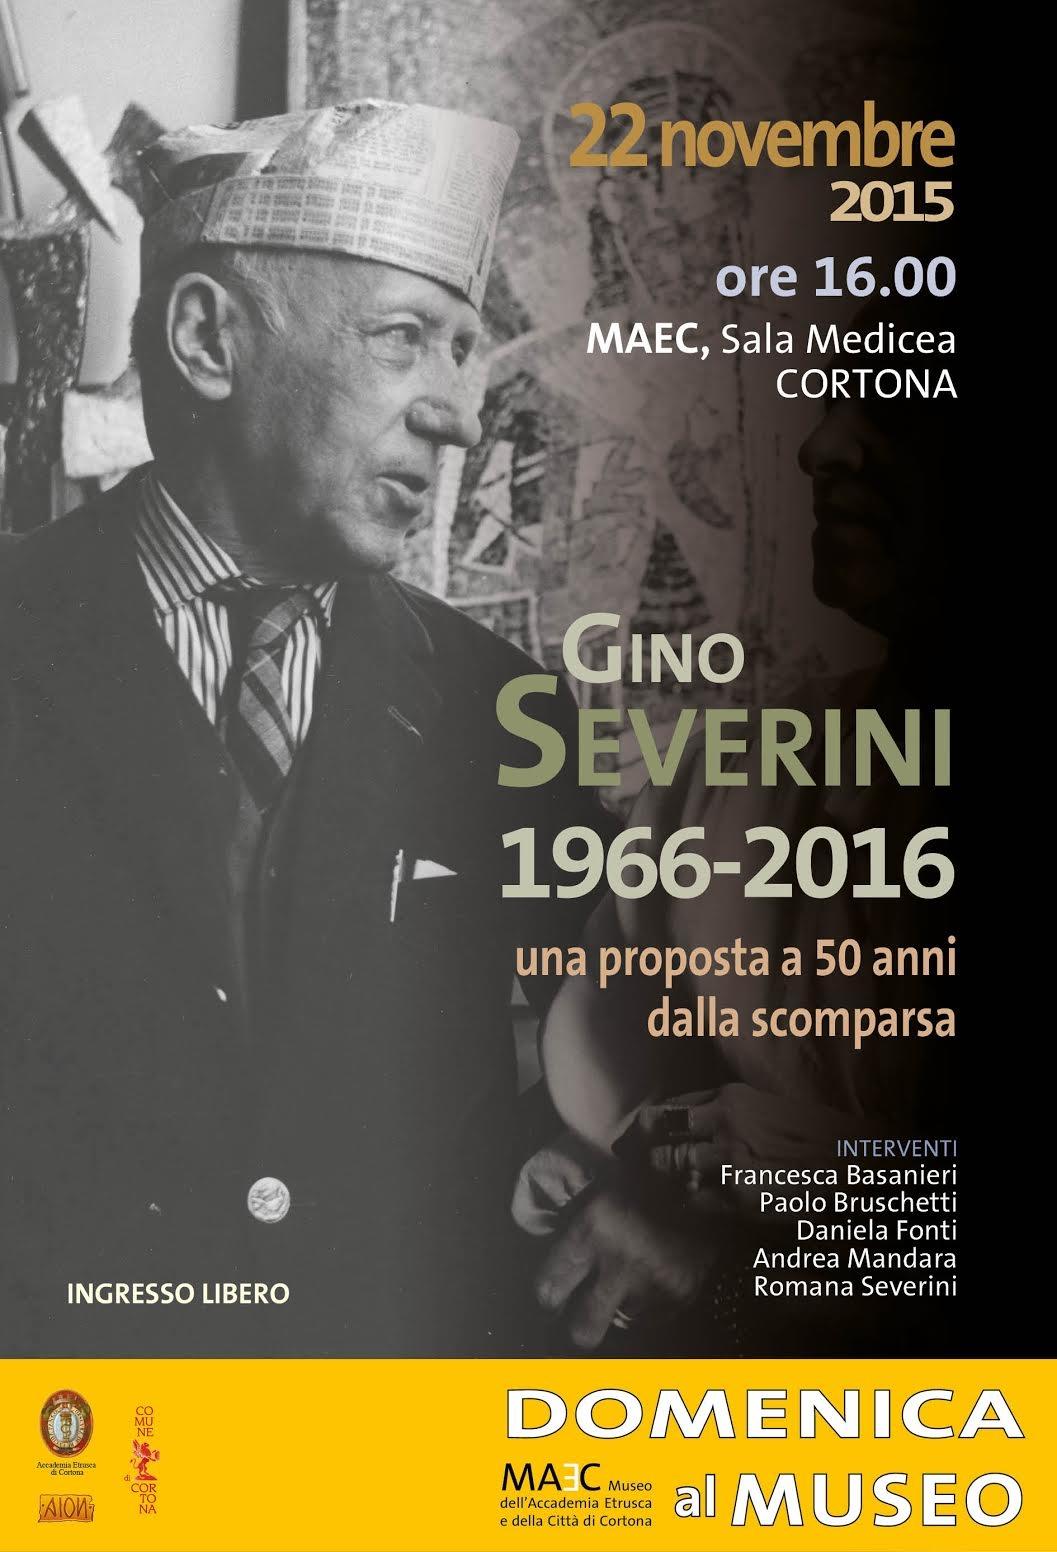 2016: Cortona celebra Gino Severini nel 50esimo anniversario della morte